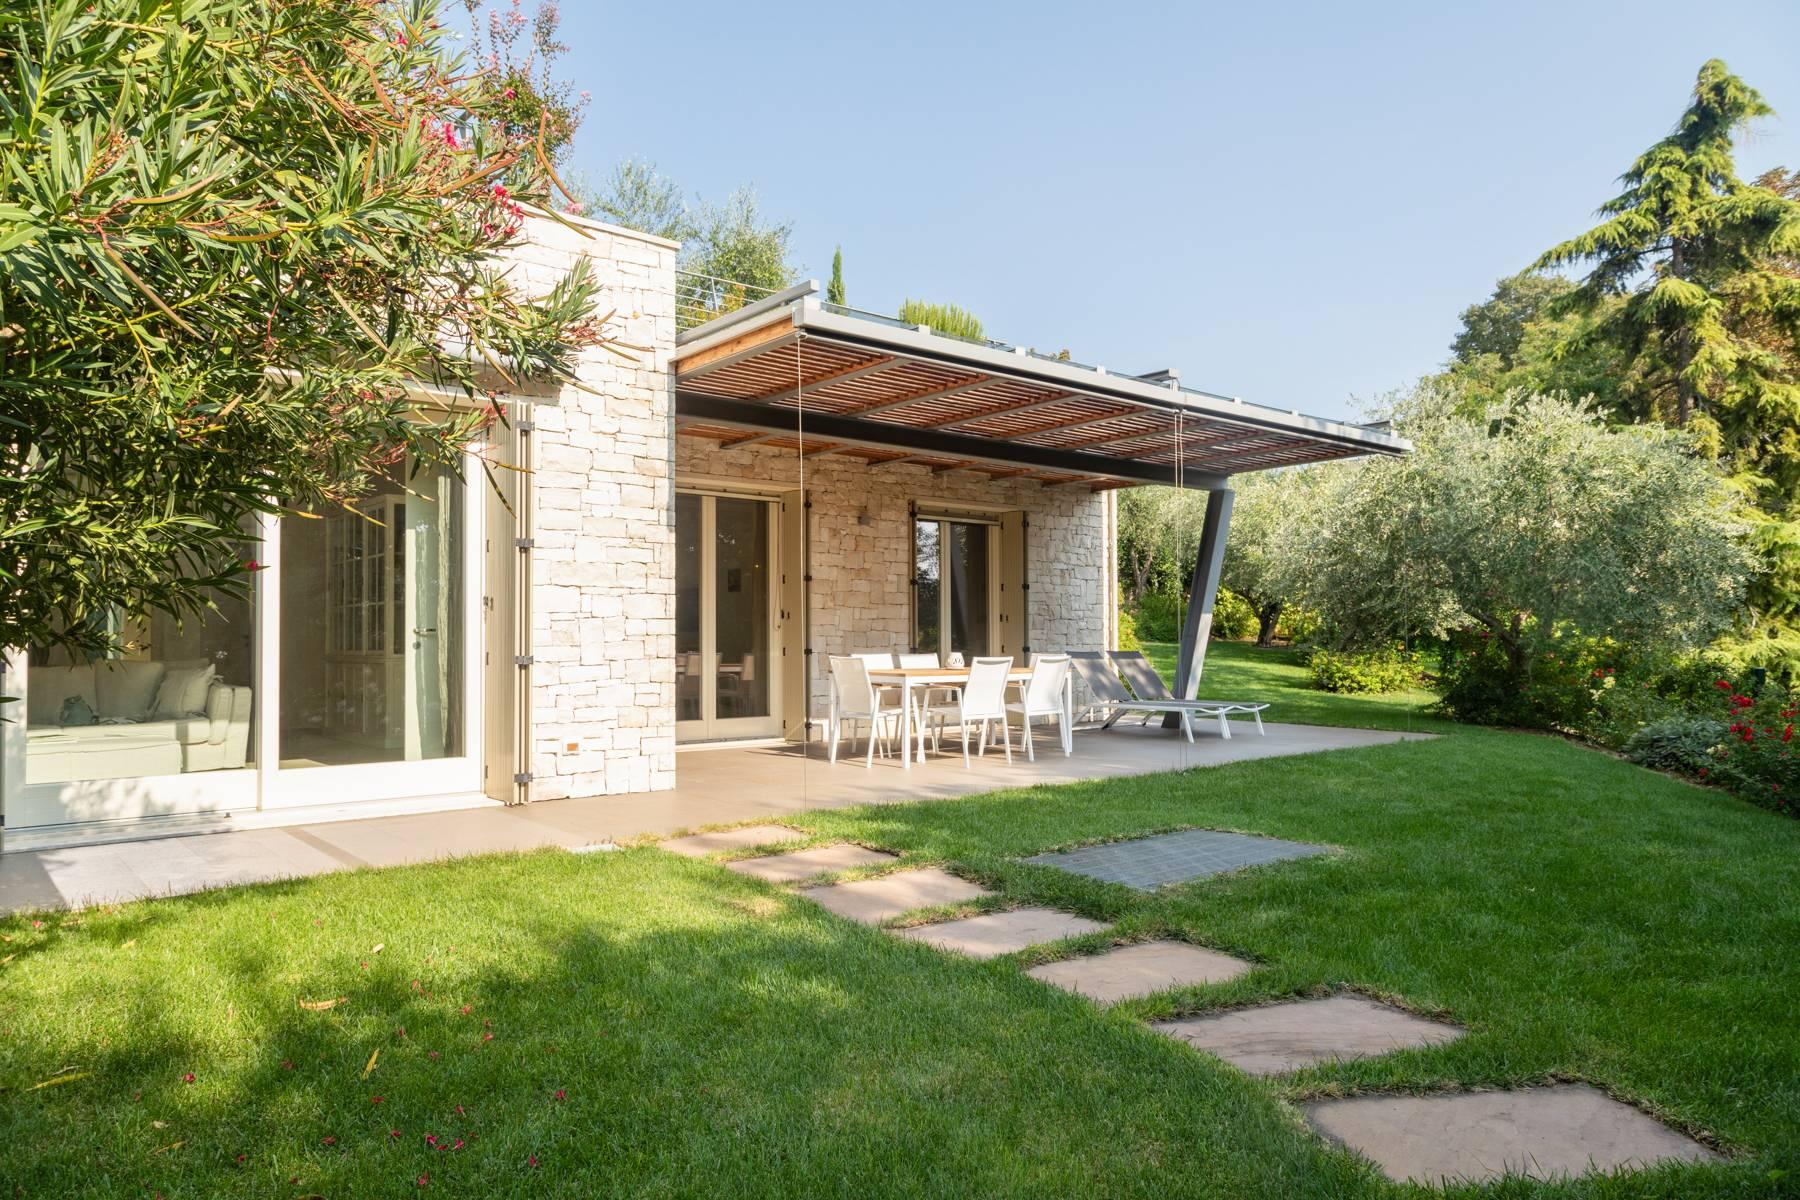 Villa in Vendita a Bardolino: 5 locali, 230 mq - Foto 1